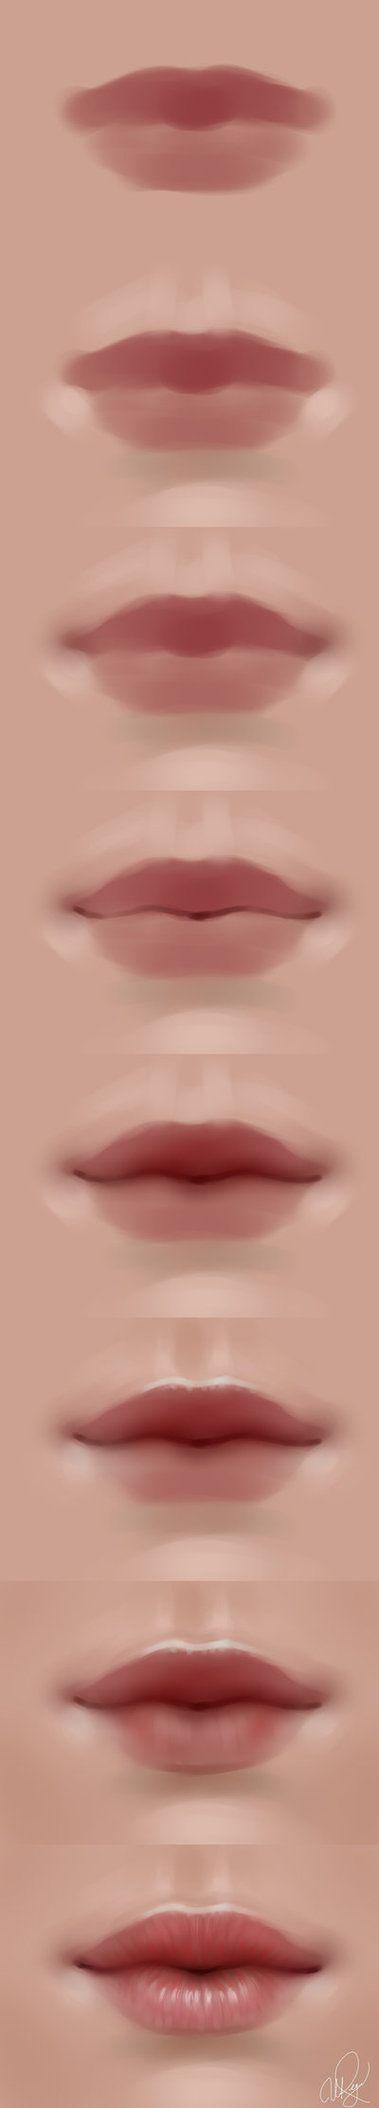 lips walkthrough by Selenada